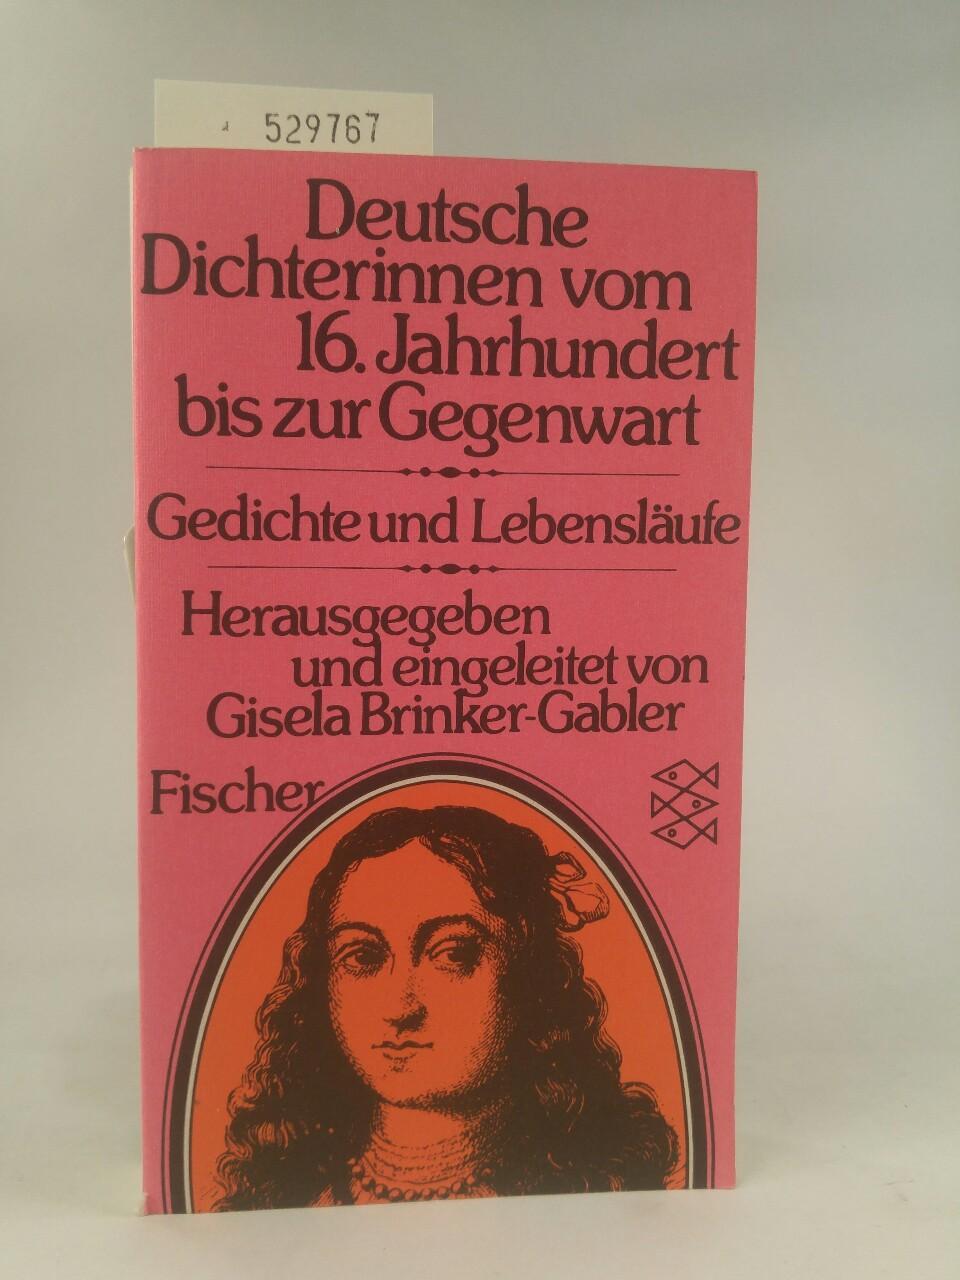 Deutsche Dichterinnen vom 16.Jahrhundert bis zur Gegenwart: Gedichte - Lebensläufe - Brinker-Gabler, Gisela